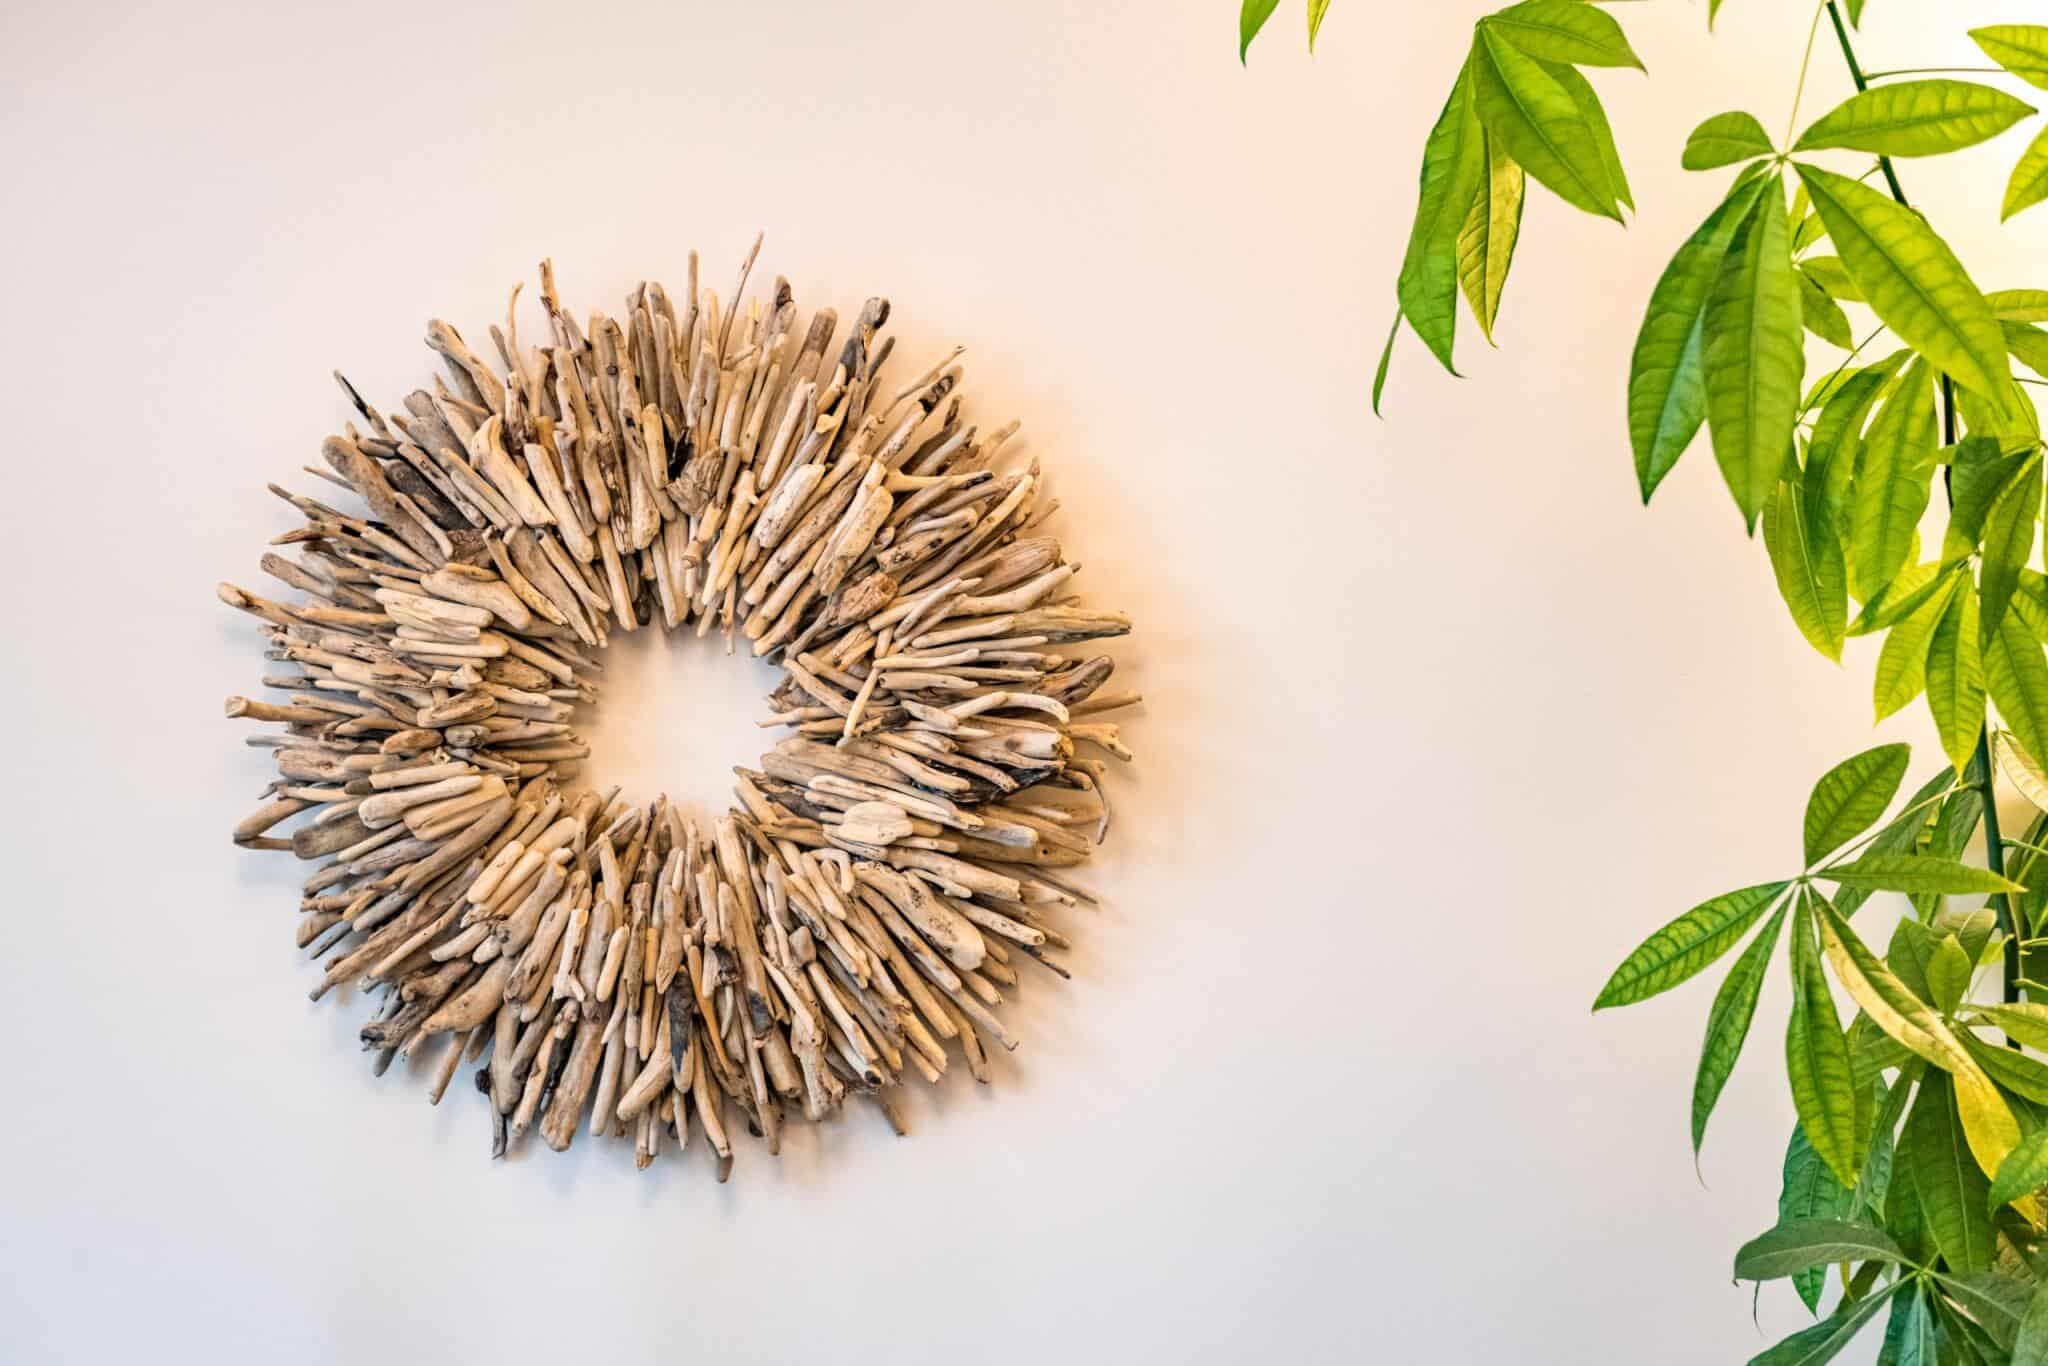 Sticks ornament on a wall